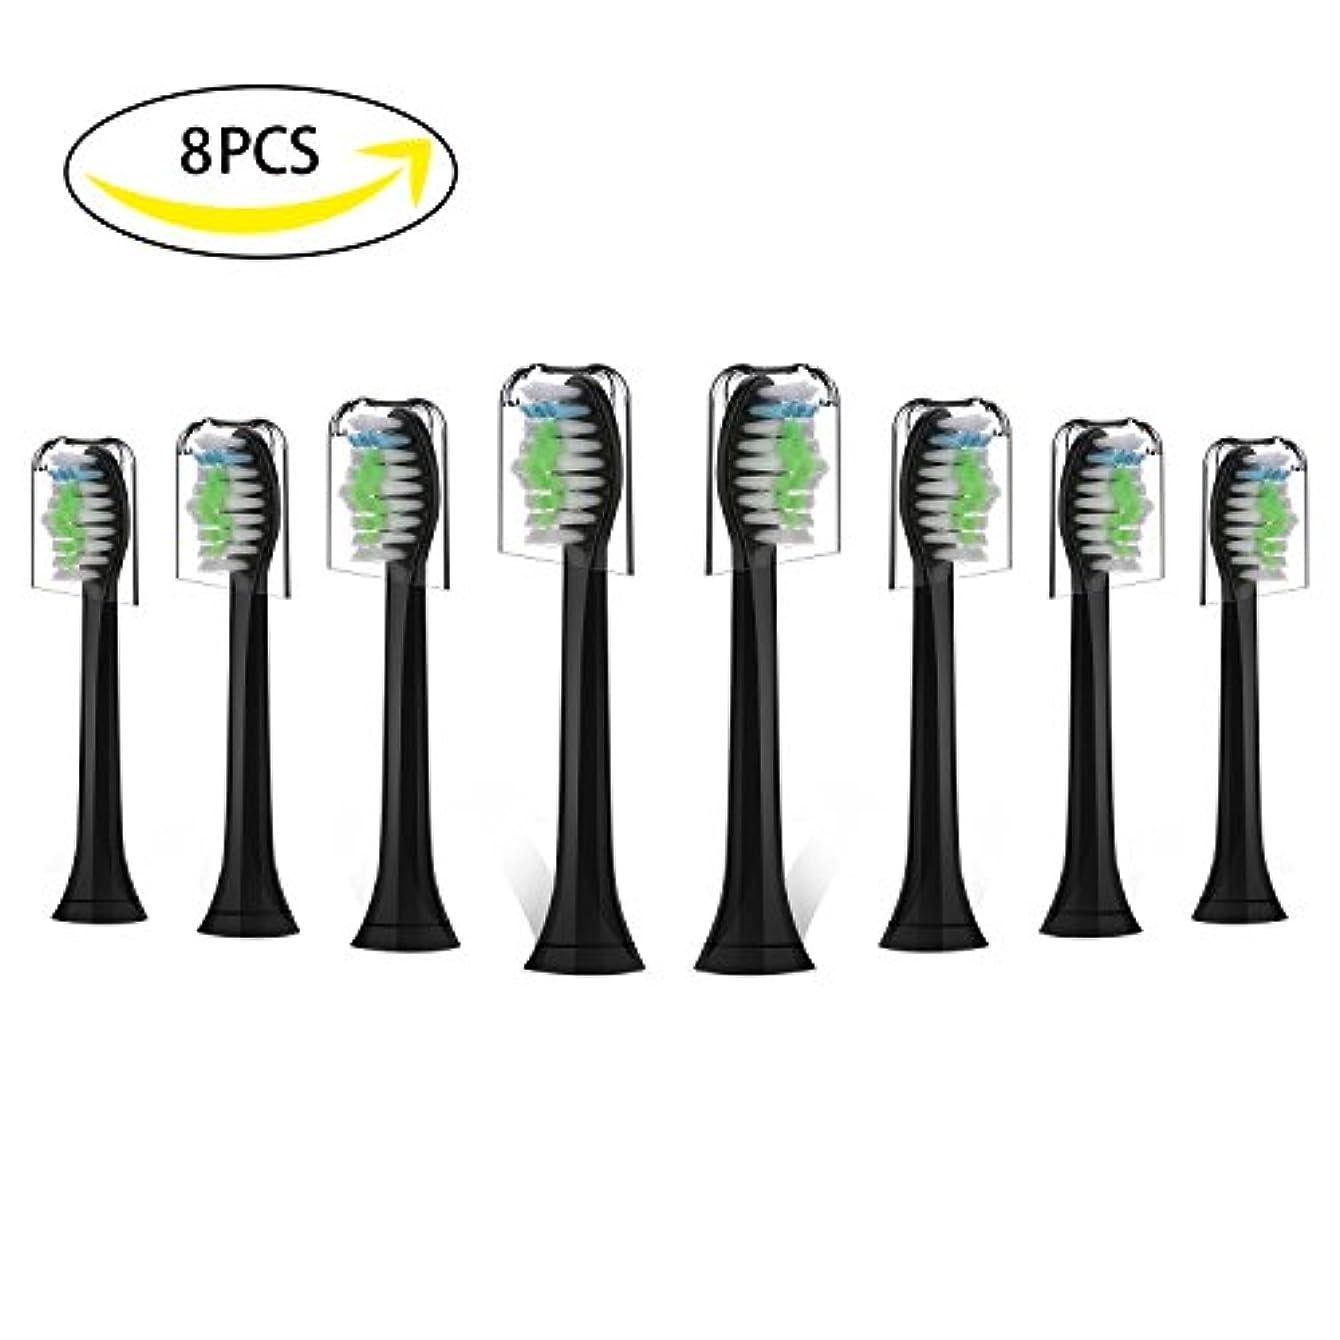 ヤング一握り霧深いSonifresh 交換ヘッド歯ブラシ用ヘッドセットフィリップソニカ電気歯ブラシ - プラークコントロールガム 健康ダイヤモンド クリーンフレックス ケアイージークリーンとヘルシーホワイト 8パック 8パック